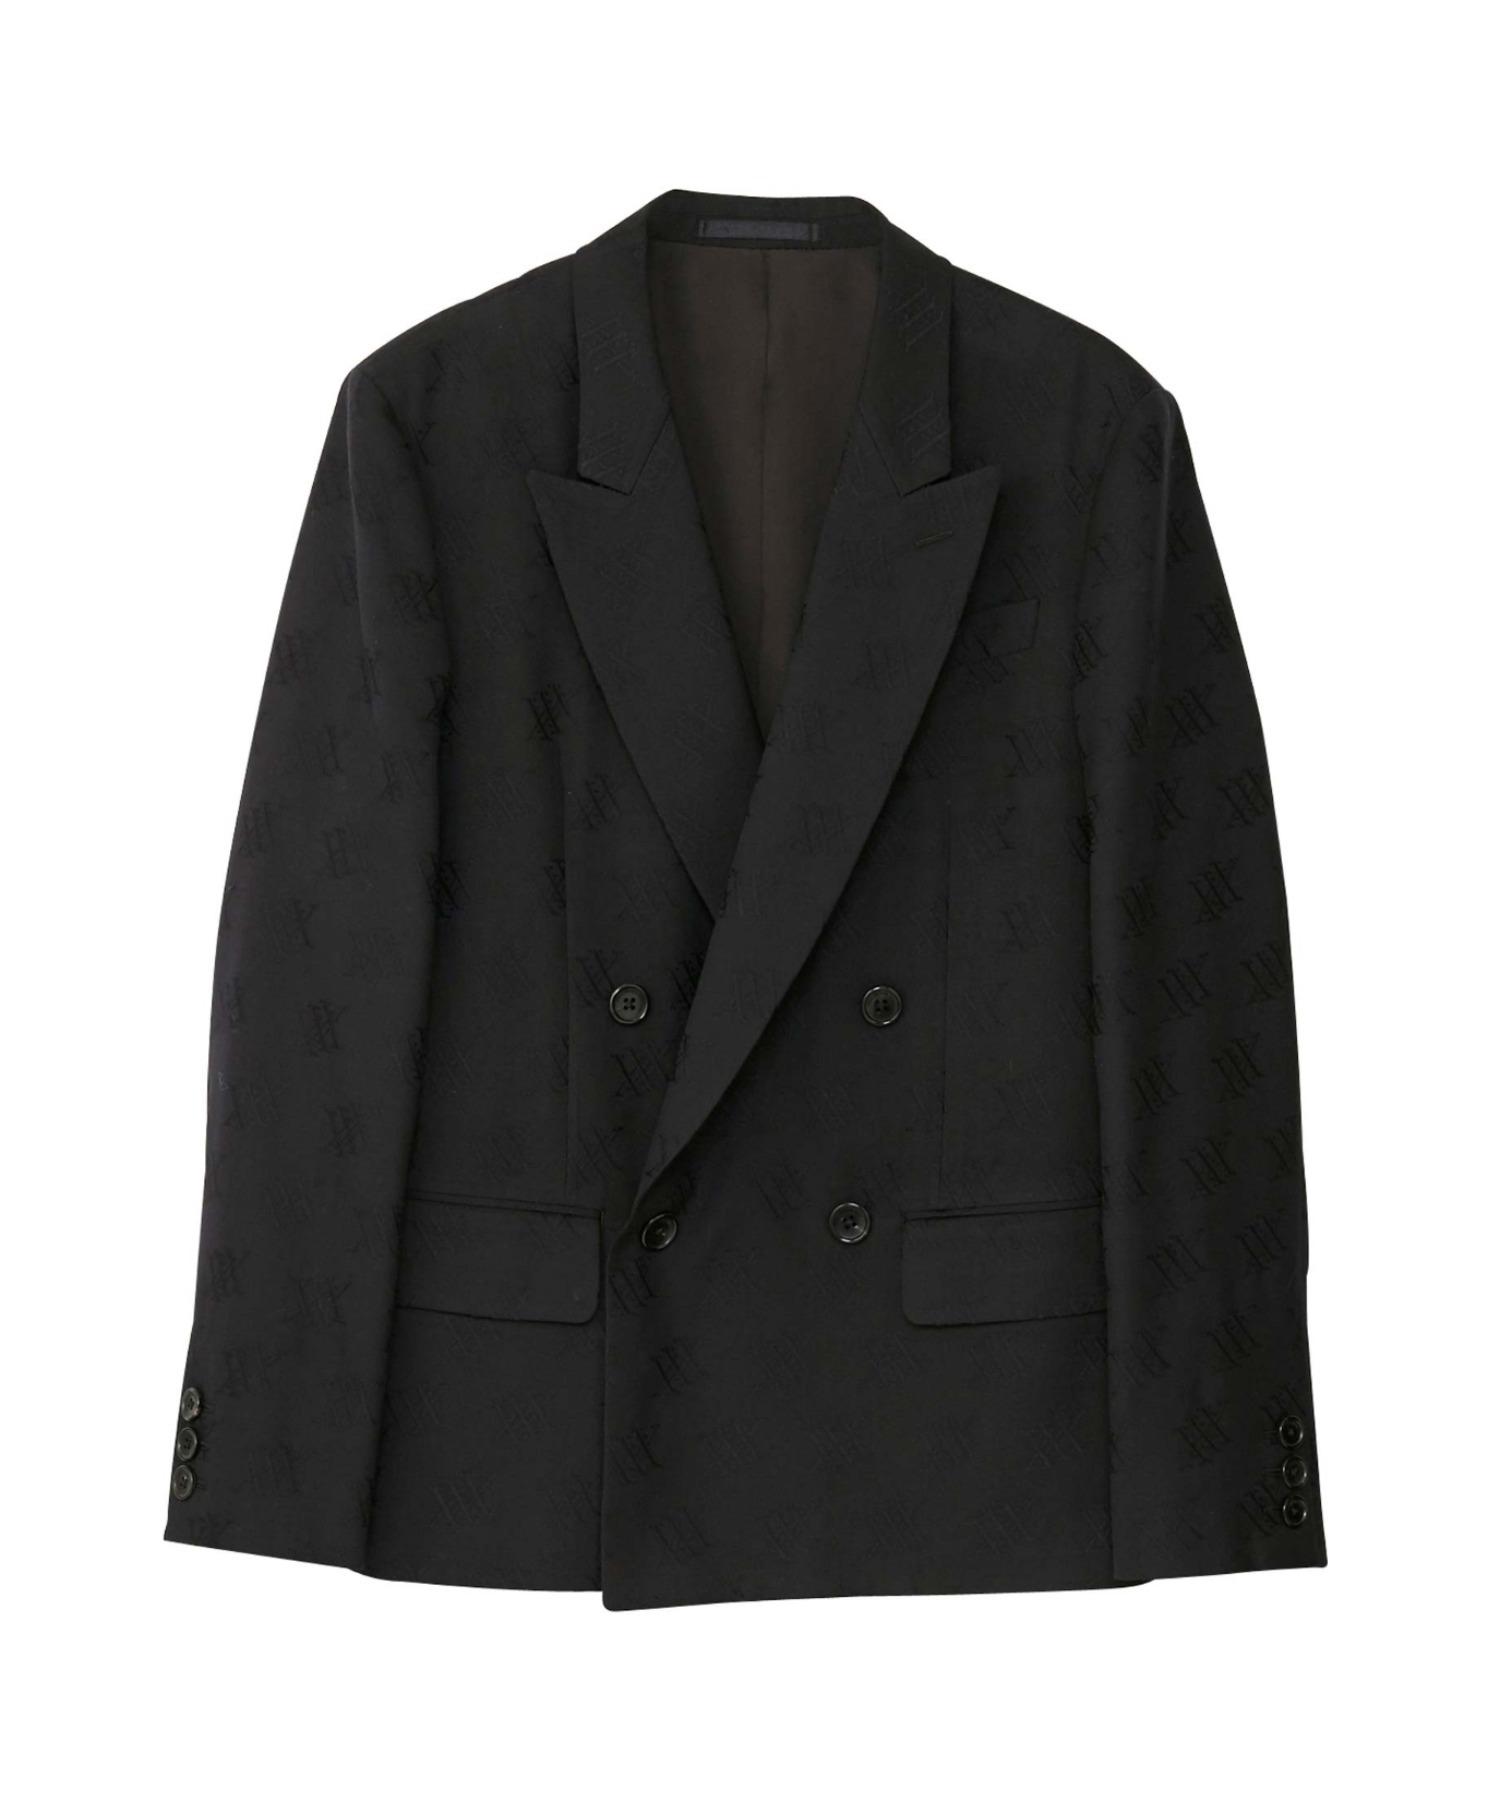 XXX PATTERNジャカード ダブルブレステッドジャケット